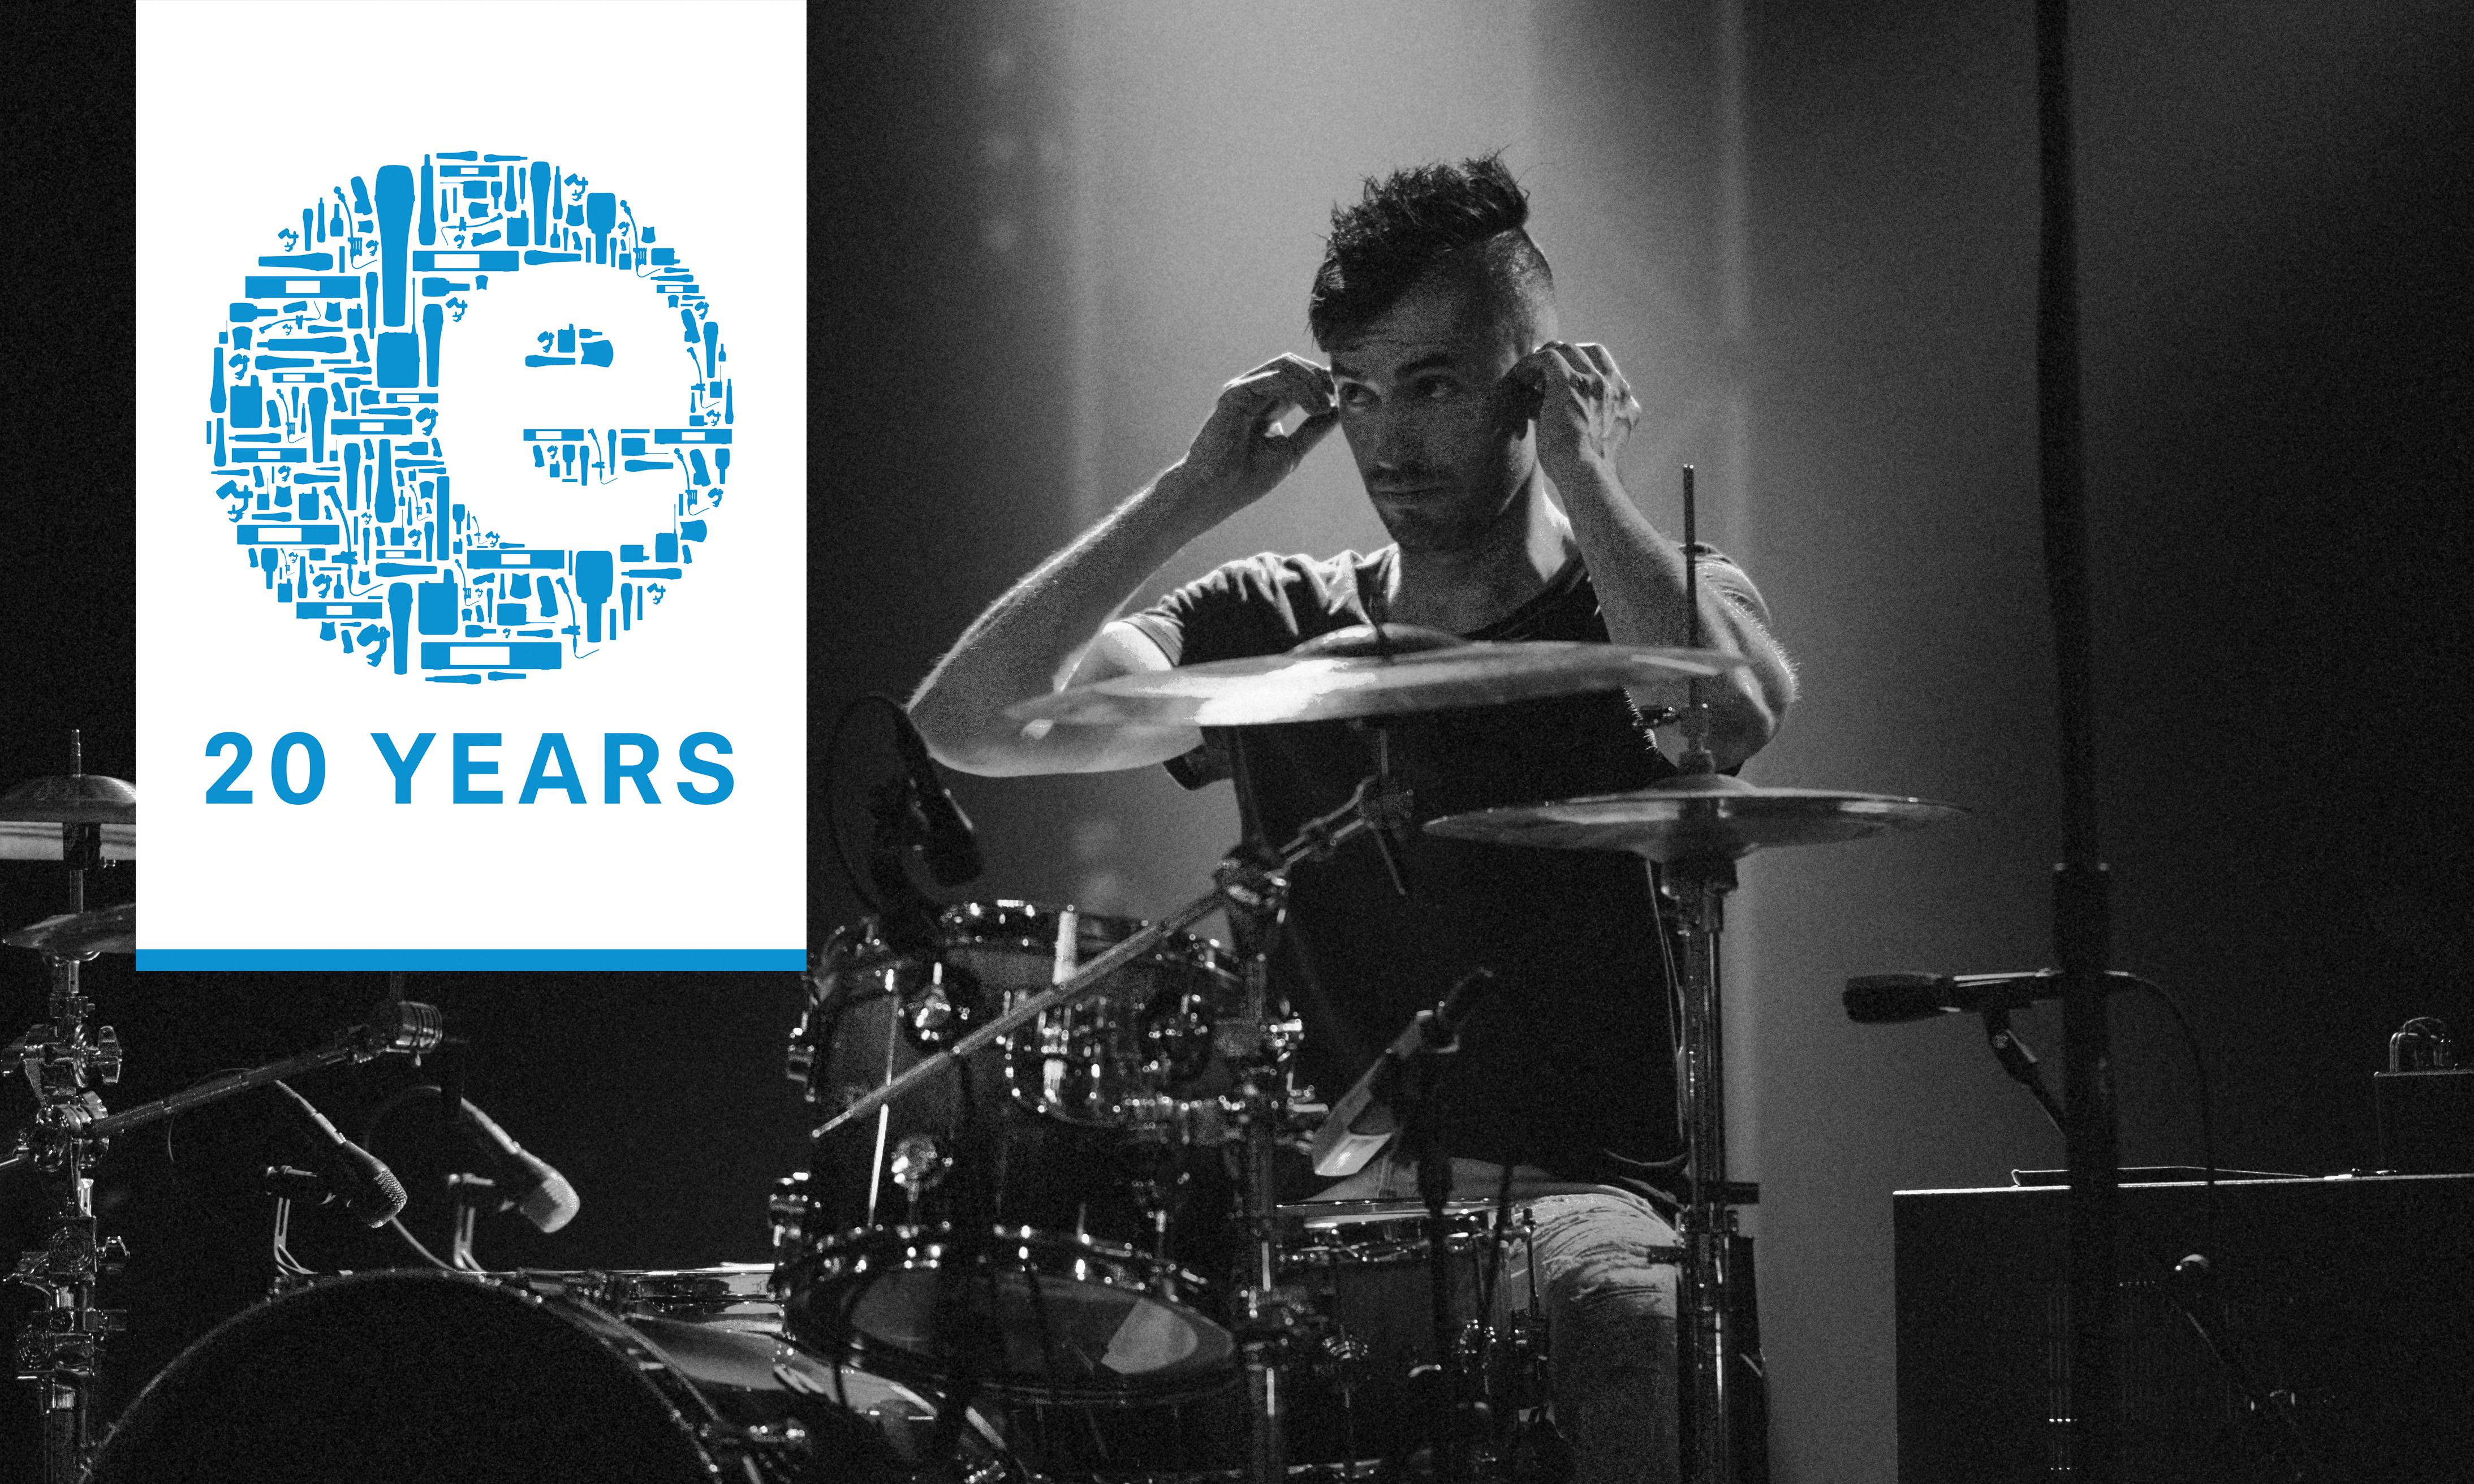 Die Instrumenten- und Gesangsmikrofone der evolution-Serie feiern ihren 20. Geburtstag